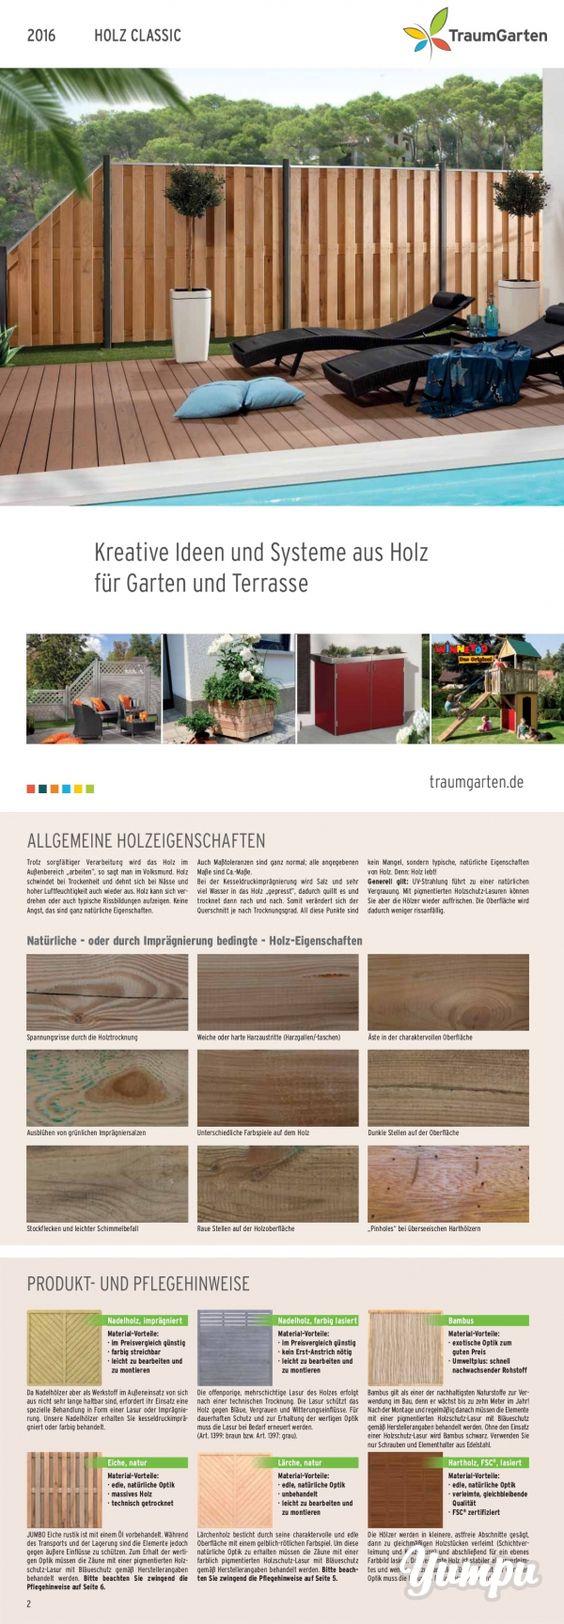 Sichtschutz Pflanzen In Kubeln  Traumgarten Holz Classic Sichtschutz